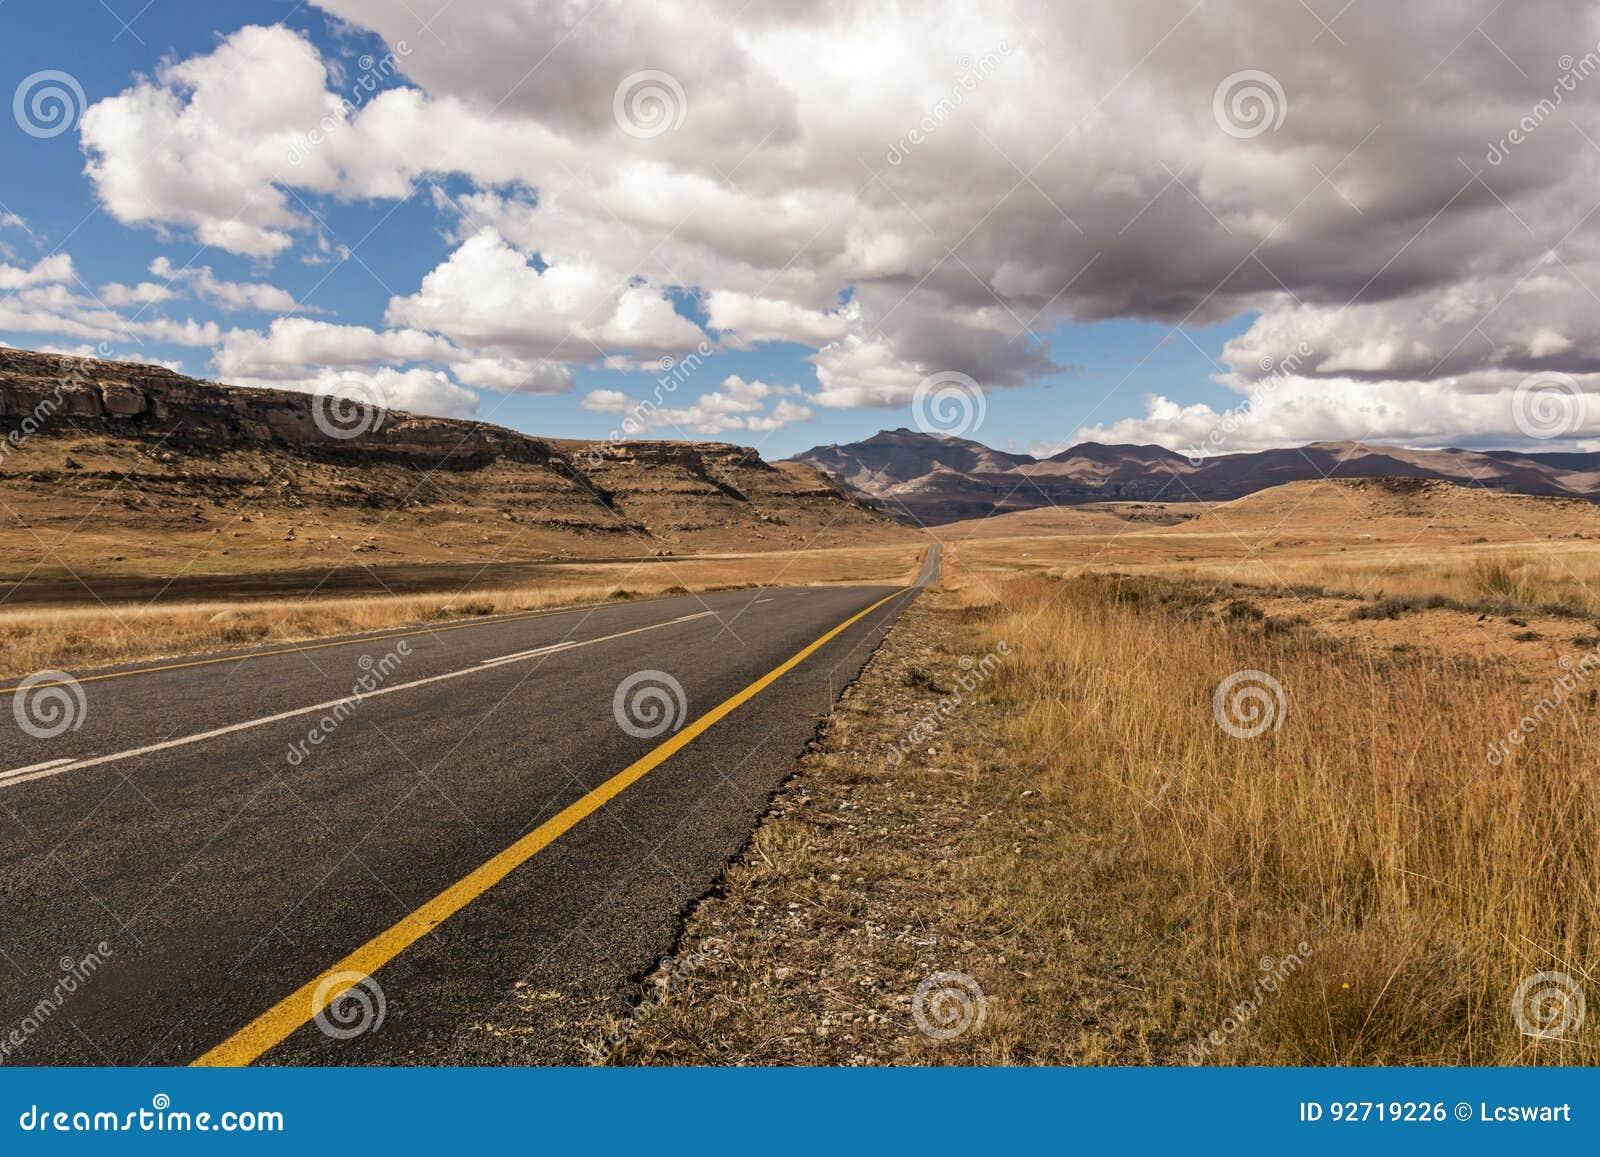 Montagne orange Landsca d hiver d Asphalt Road Running Through Dry